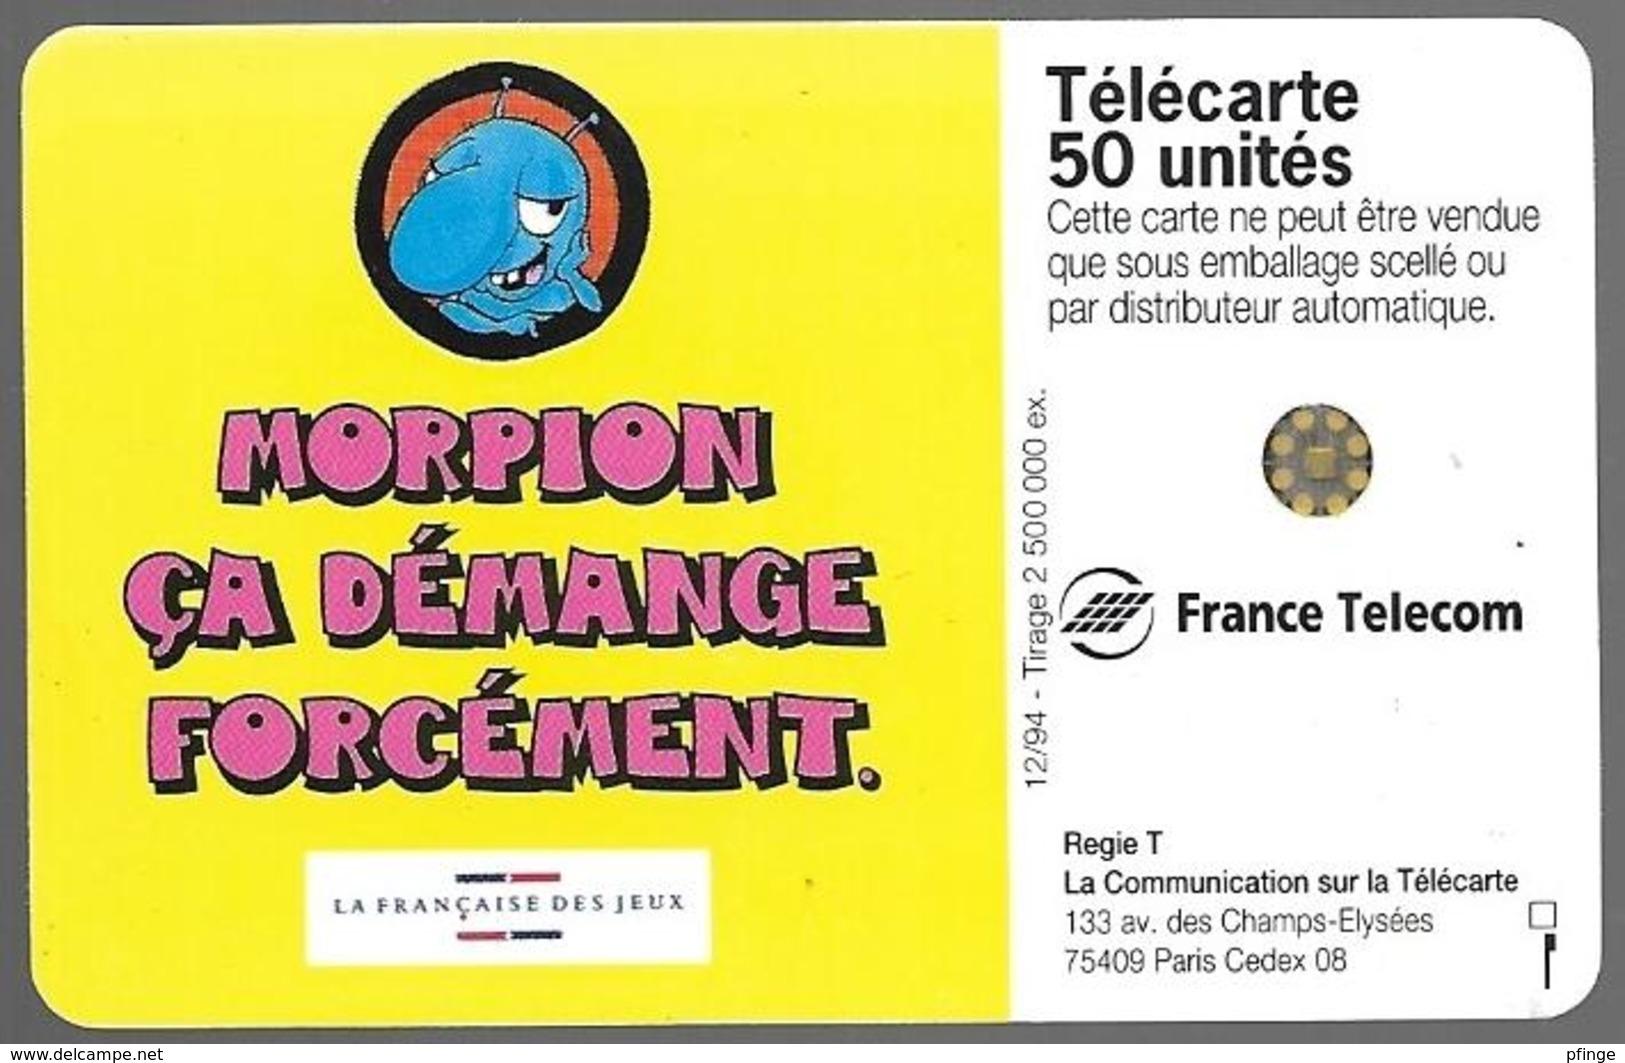 Telecarte 50 - Morpion - Jeux